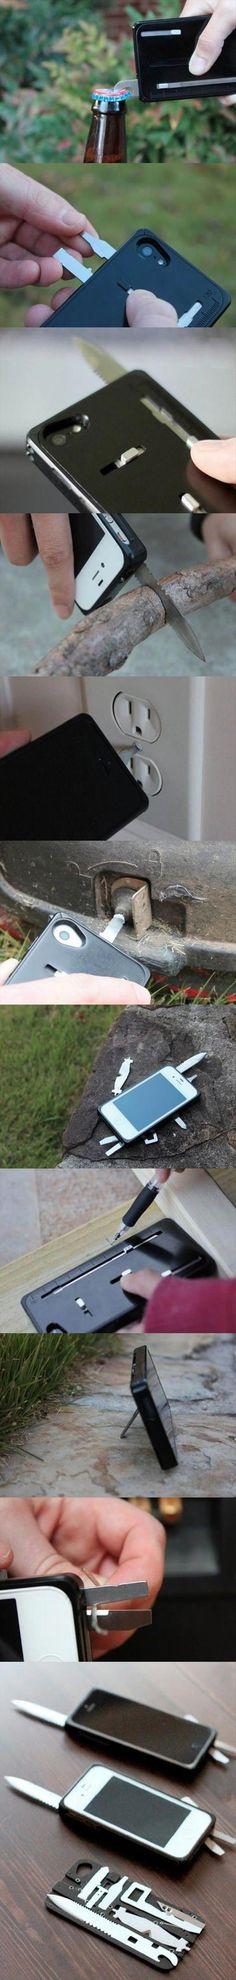 Eu preciso encontrar uma capinha protetora de celular como essa antes do dia dos pais!!! :) Tenho certeza que meu pai vai amar!